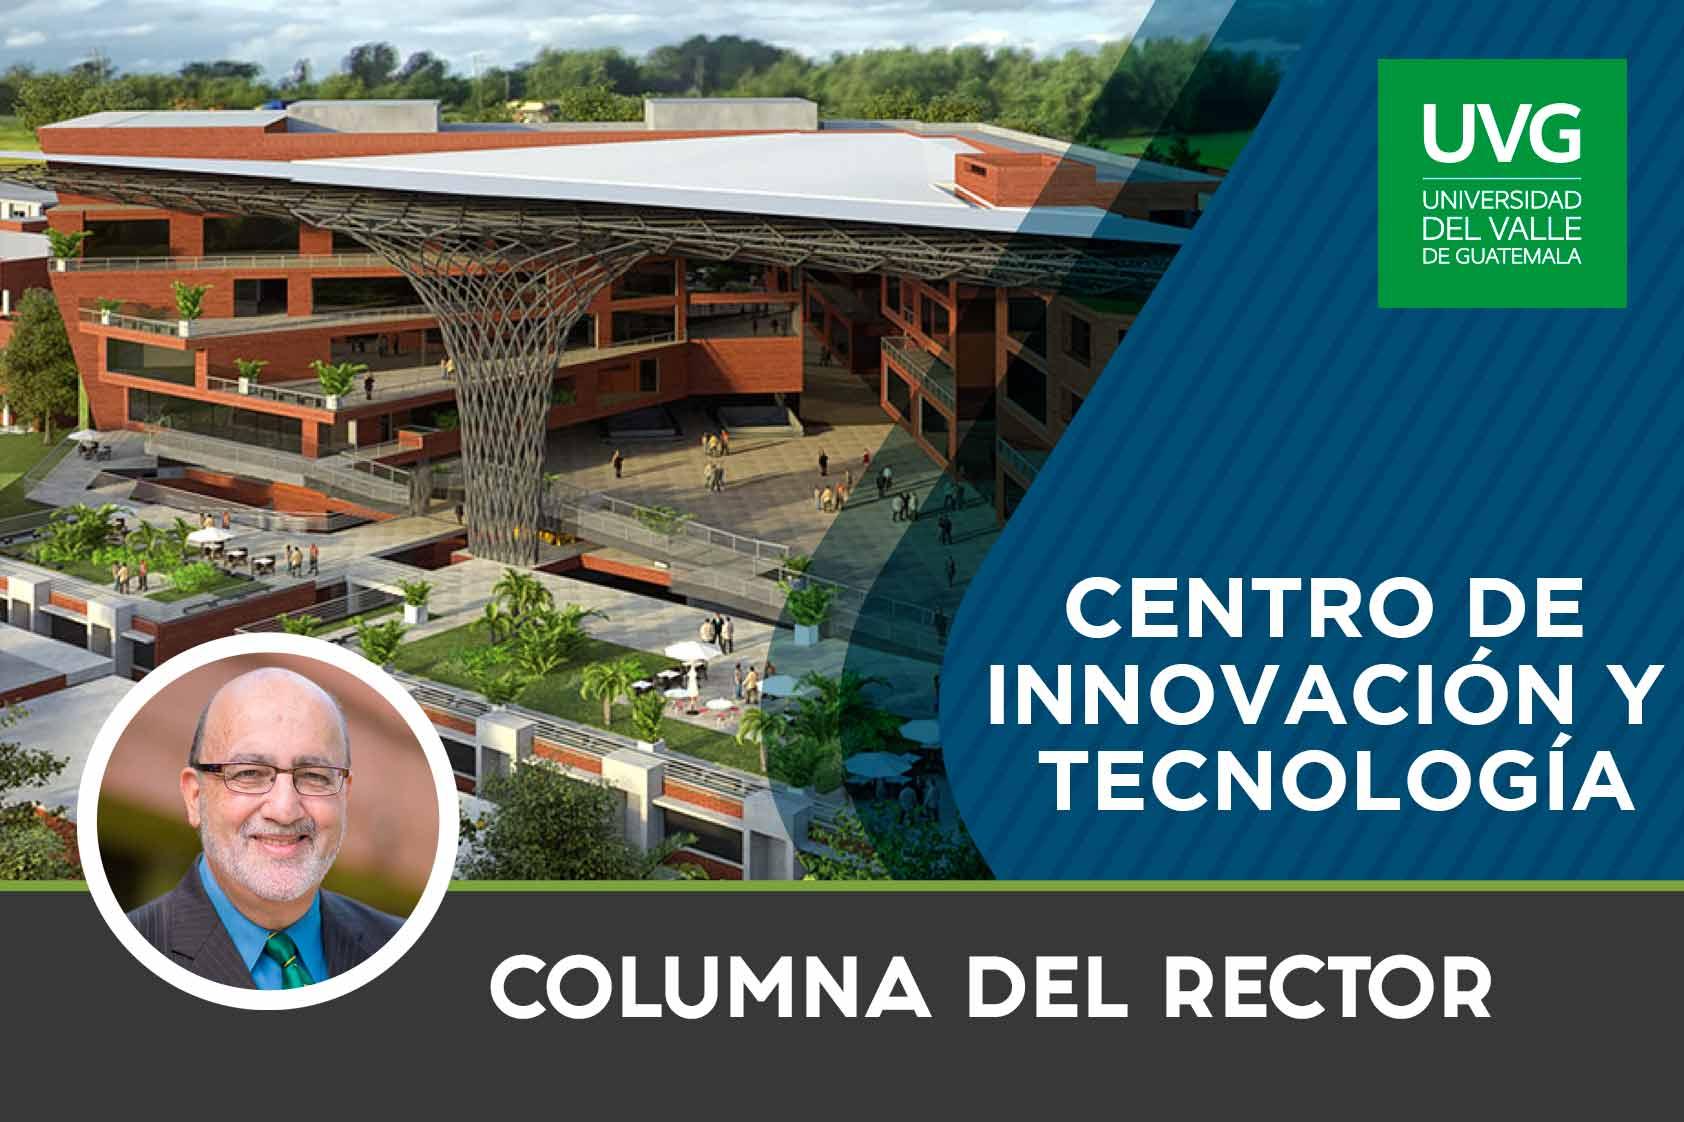 Visita al Centro de Innovación y Tecnología